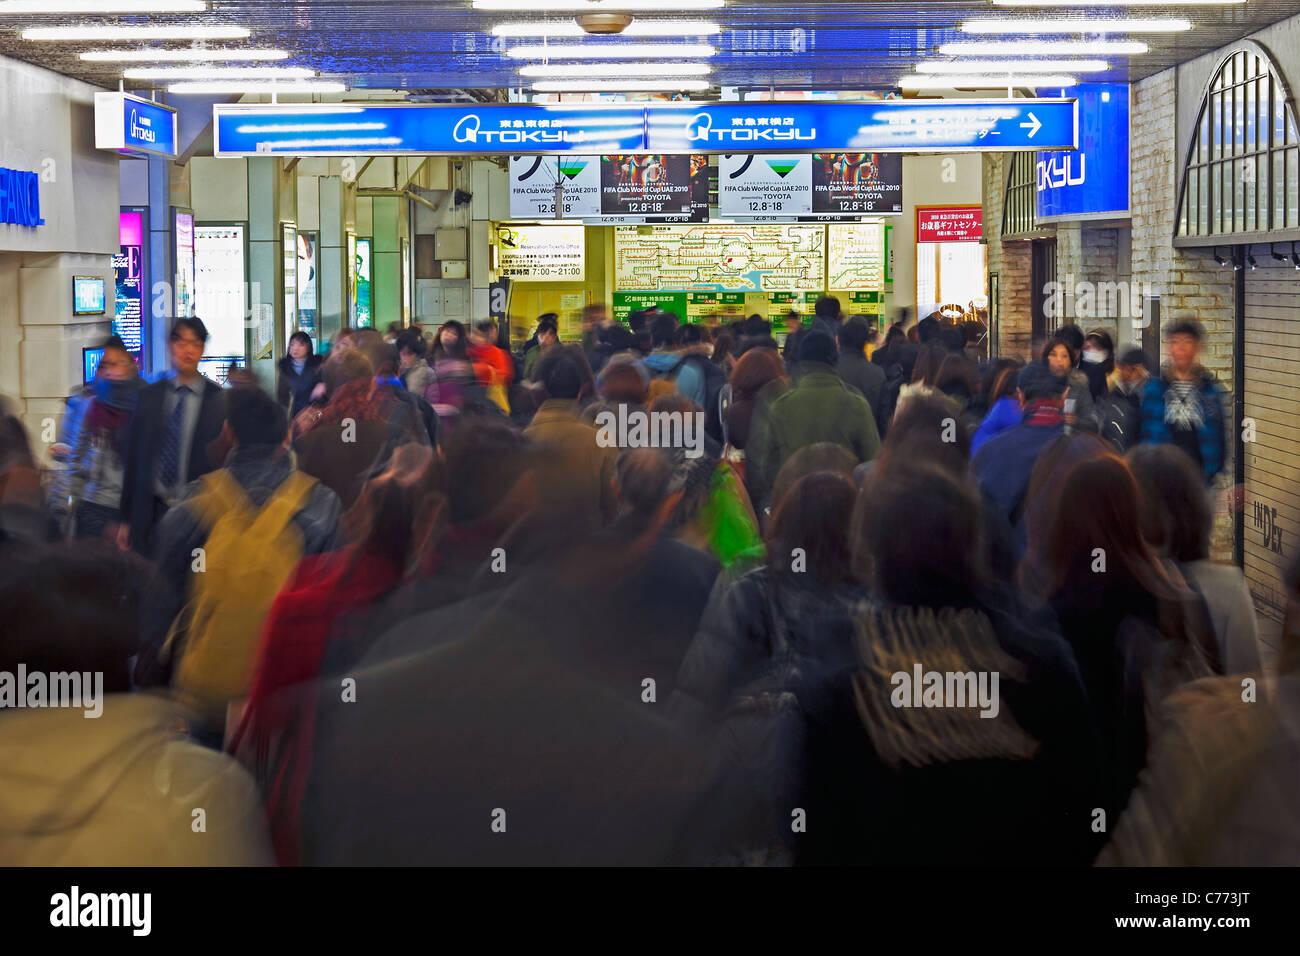 Asien, Japan, Tokyo, Stadtteil Shibuya, Pendler, die Bewegung durch Shibuya Station während der Rush hour Stockbild